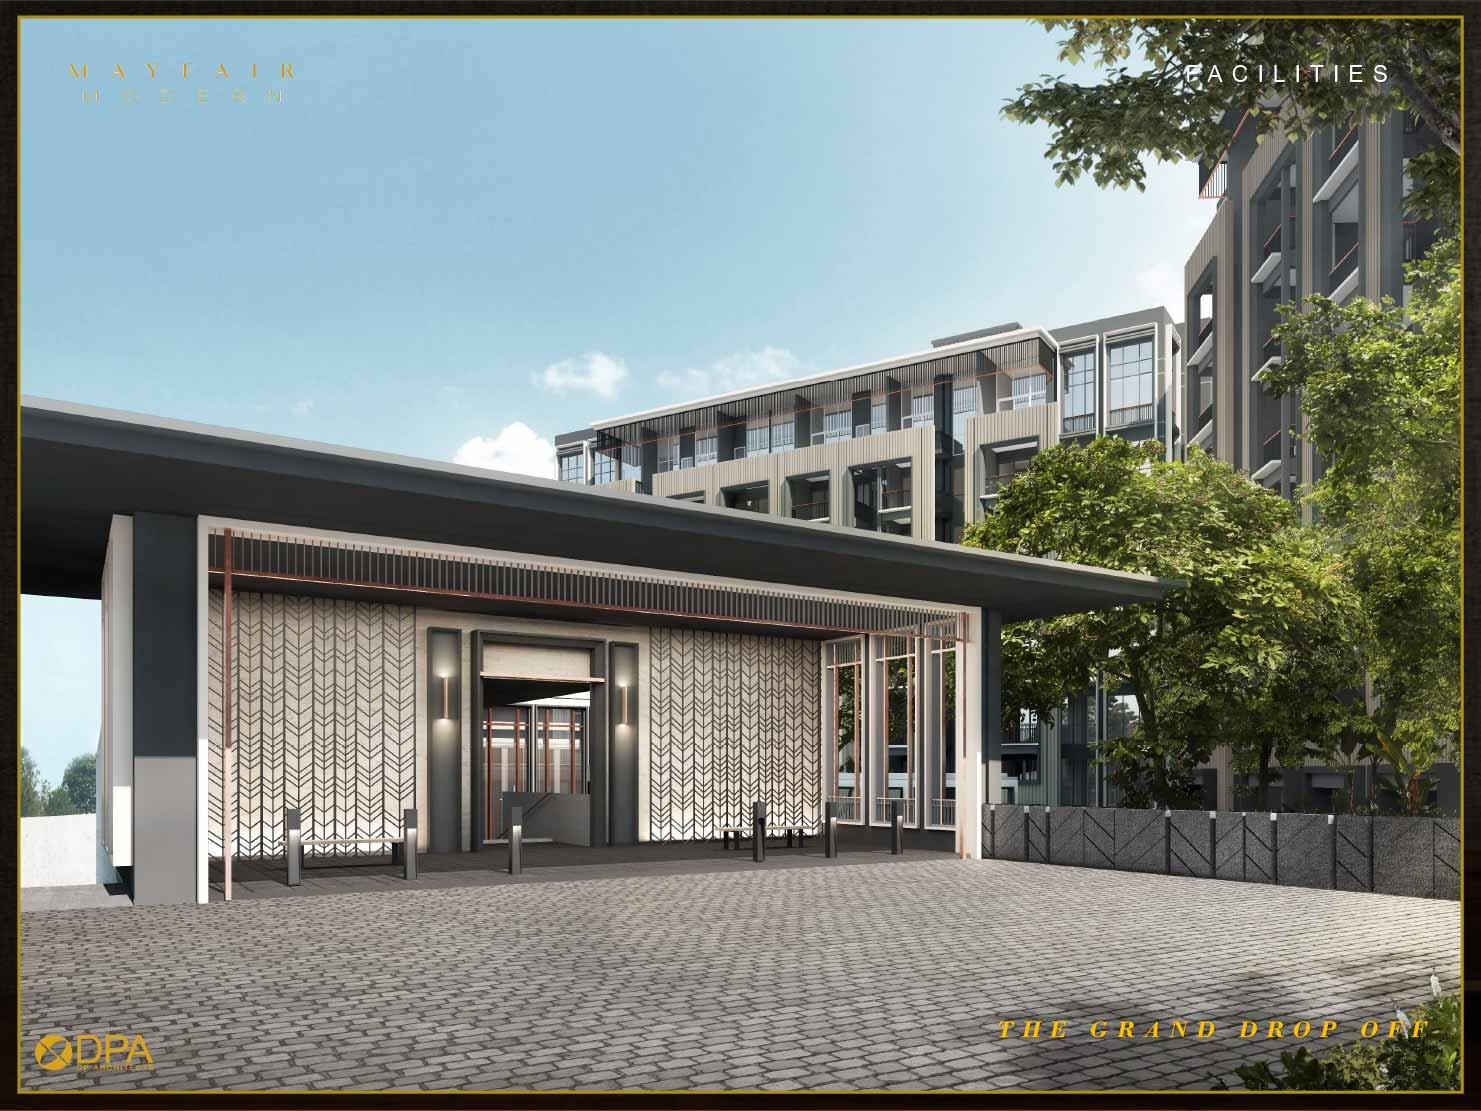 Grand Drop Off facilities Mayfair Modern